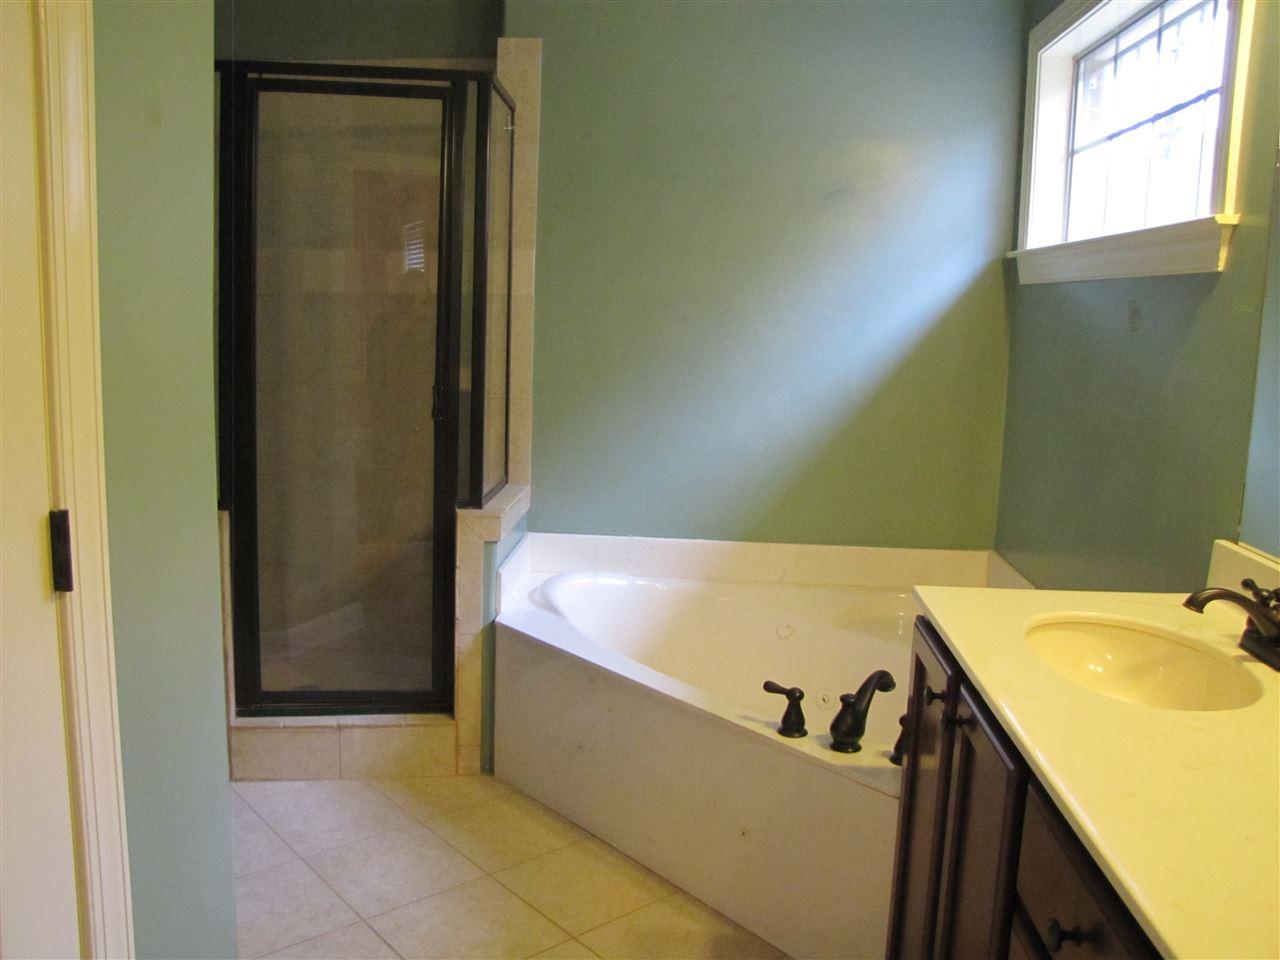 7412 Brentlawn Cordova, TN 38018 - MLS #: 10020358